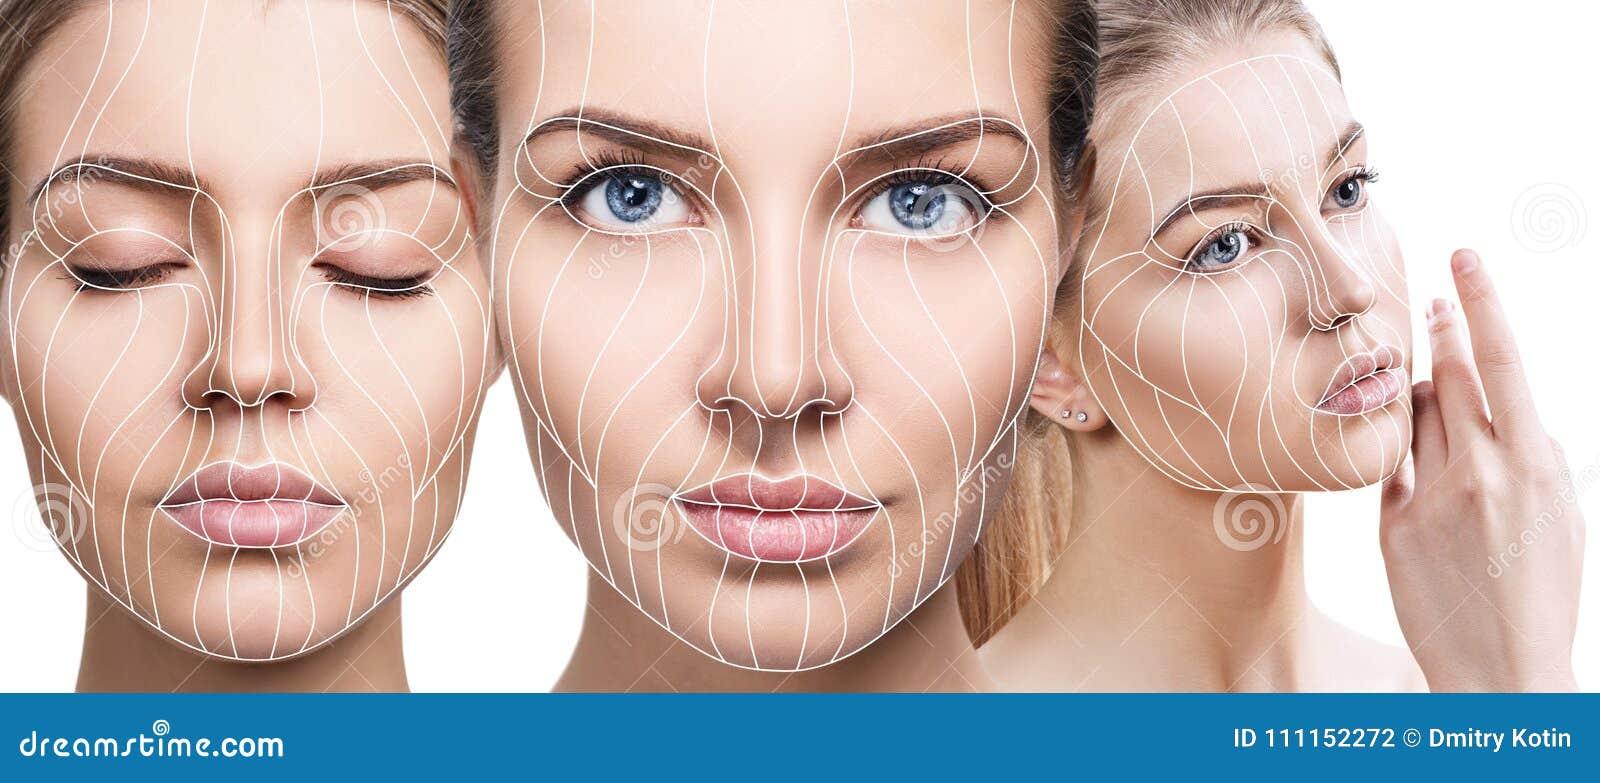 Lignes graphiques montrant l effet de levage facial sur la peau